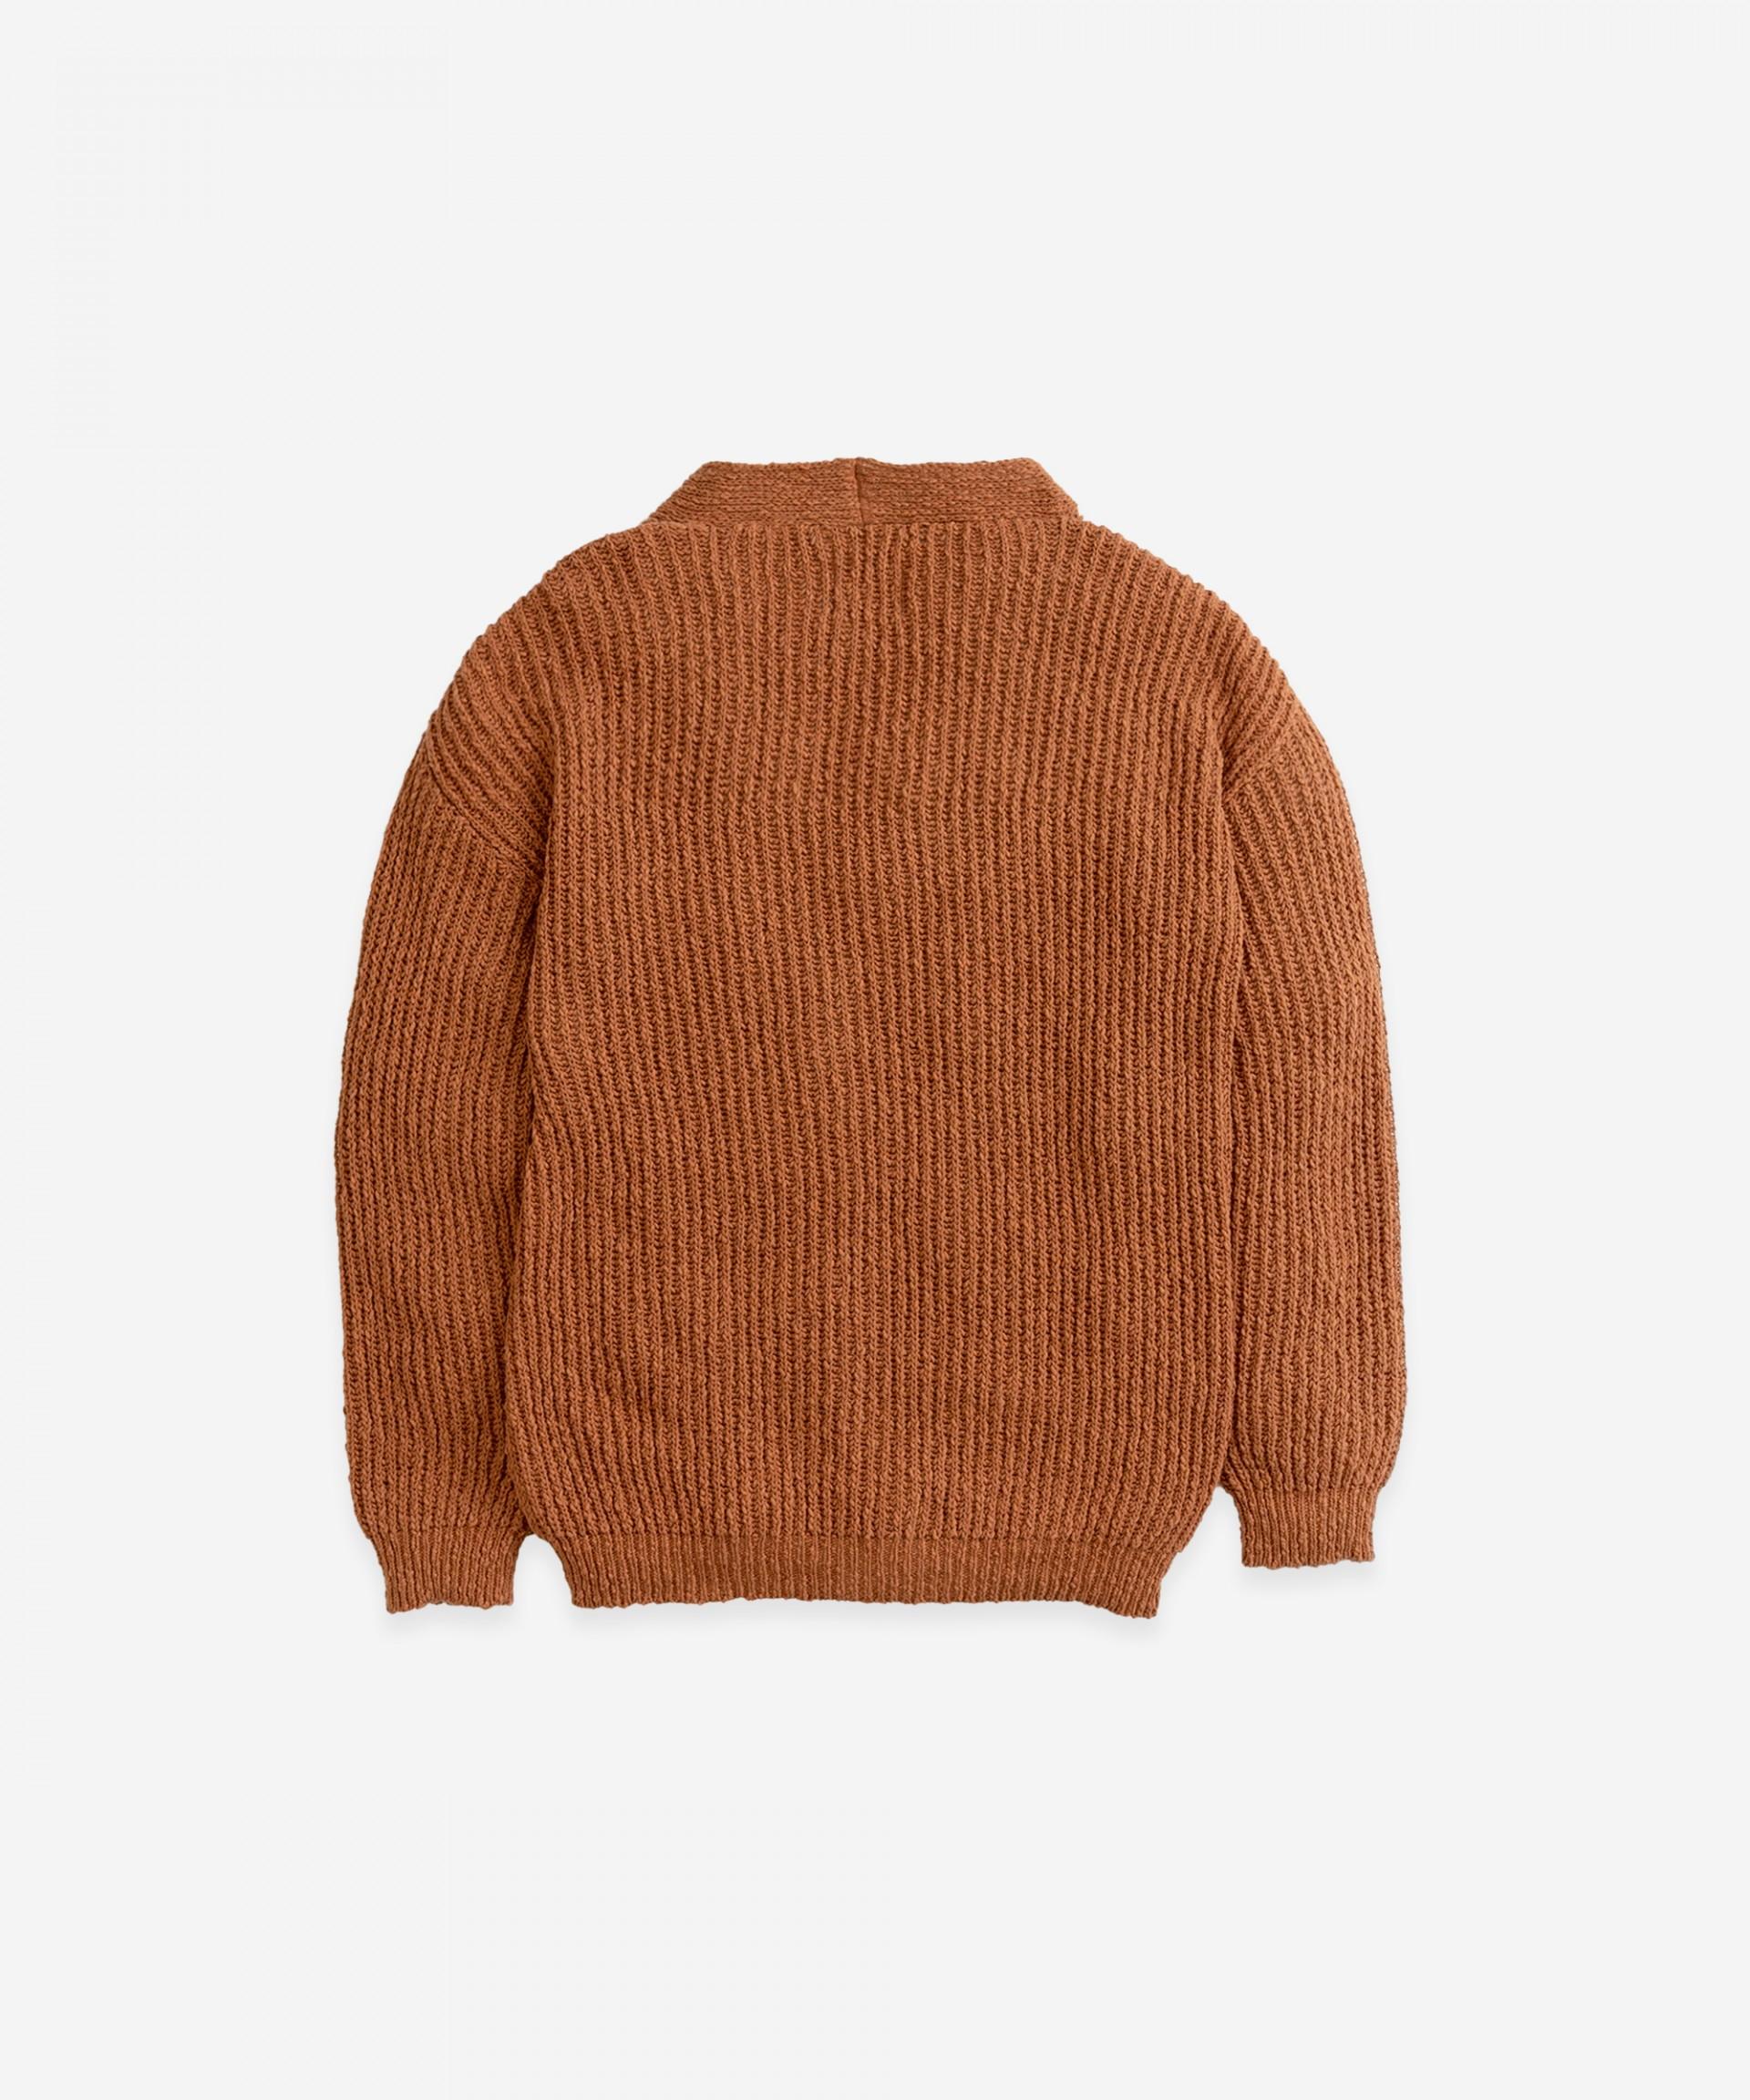 Casaco tricot com decote em V | Botany